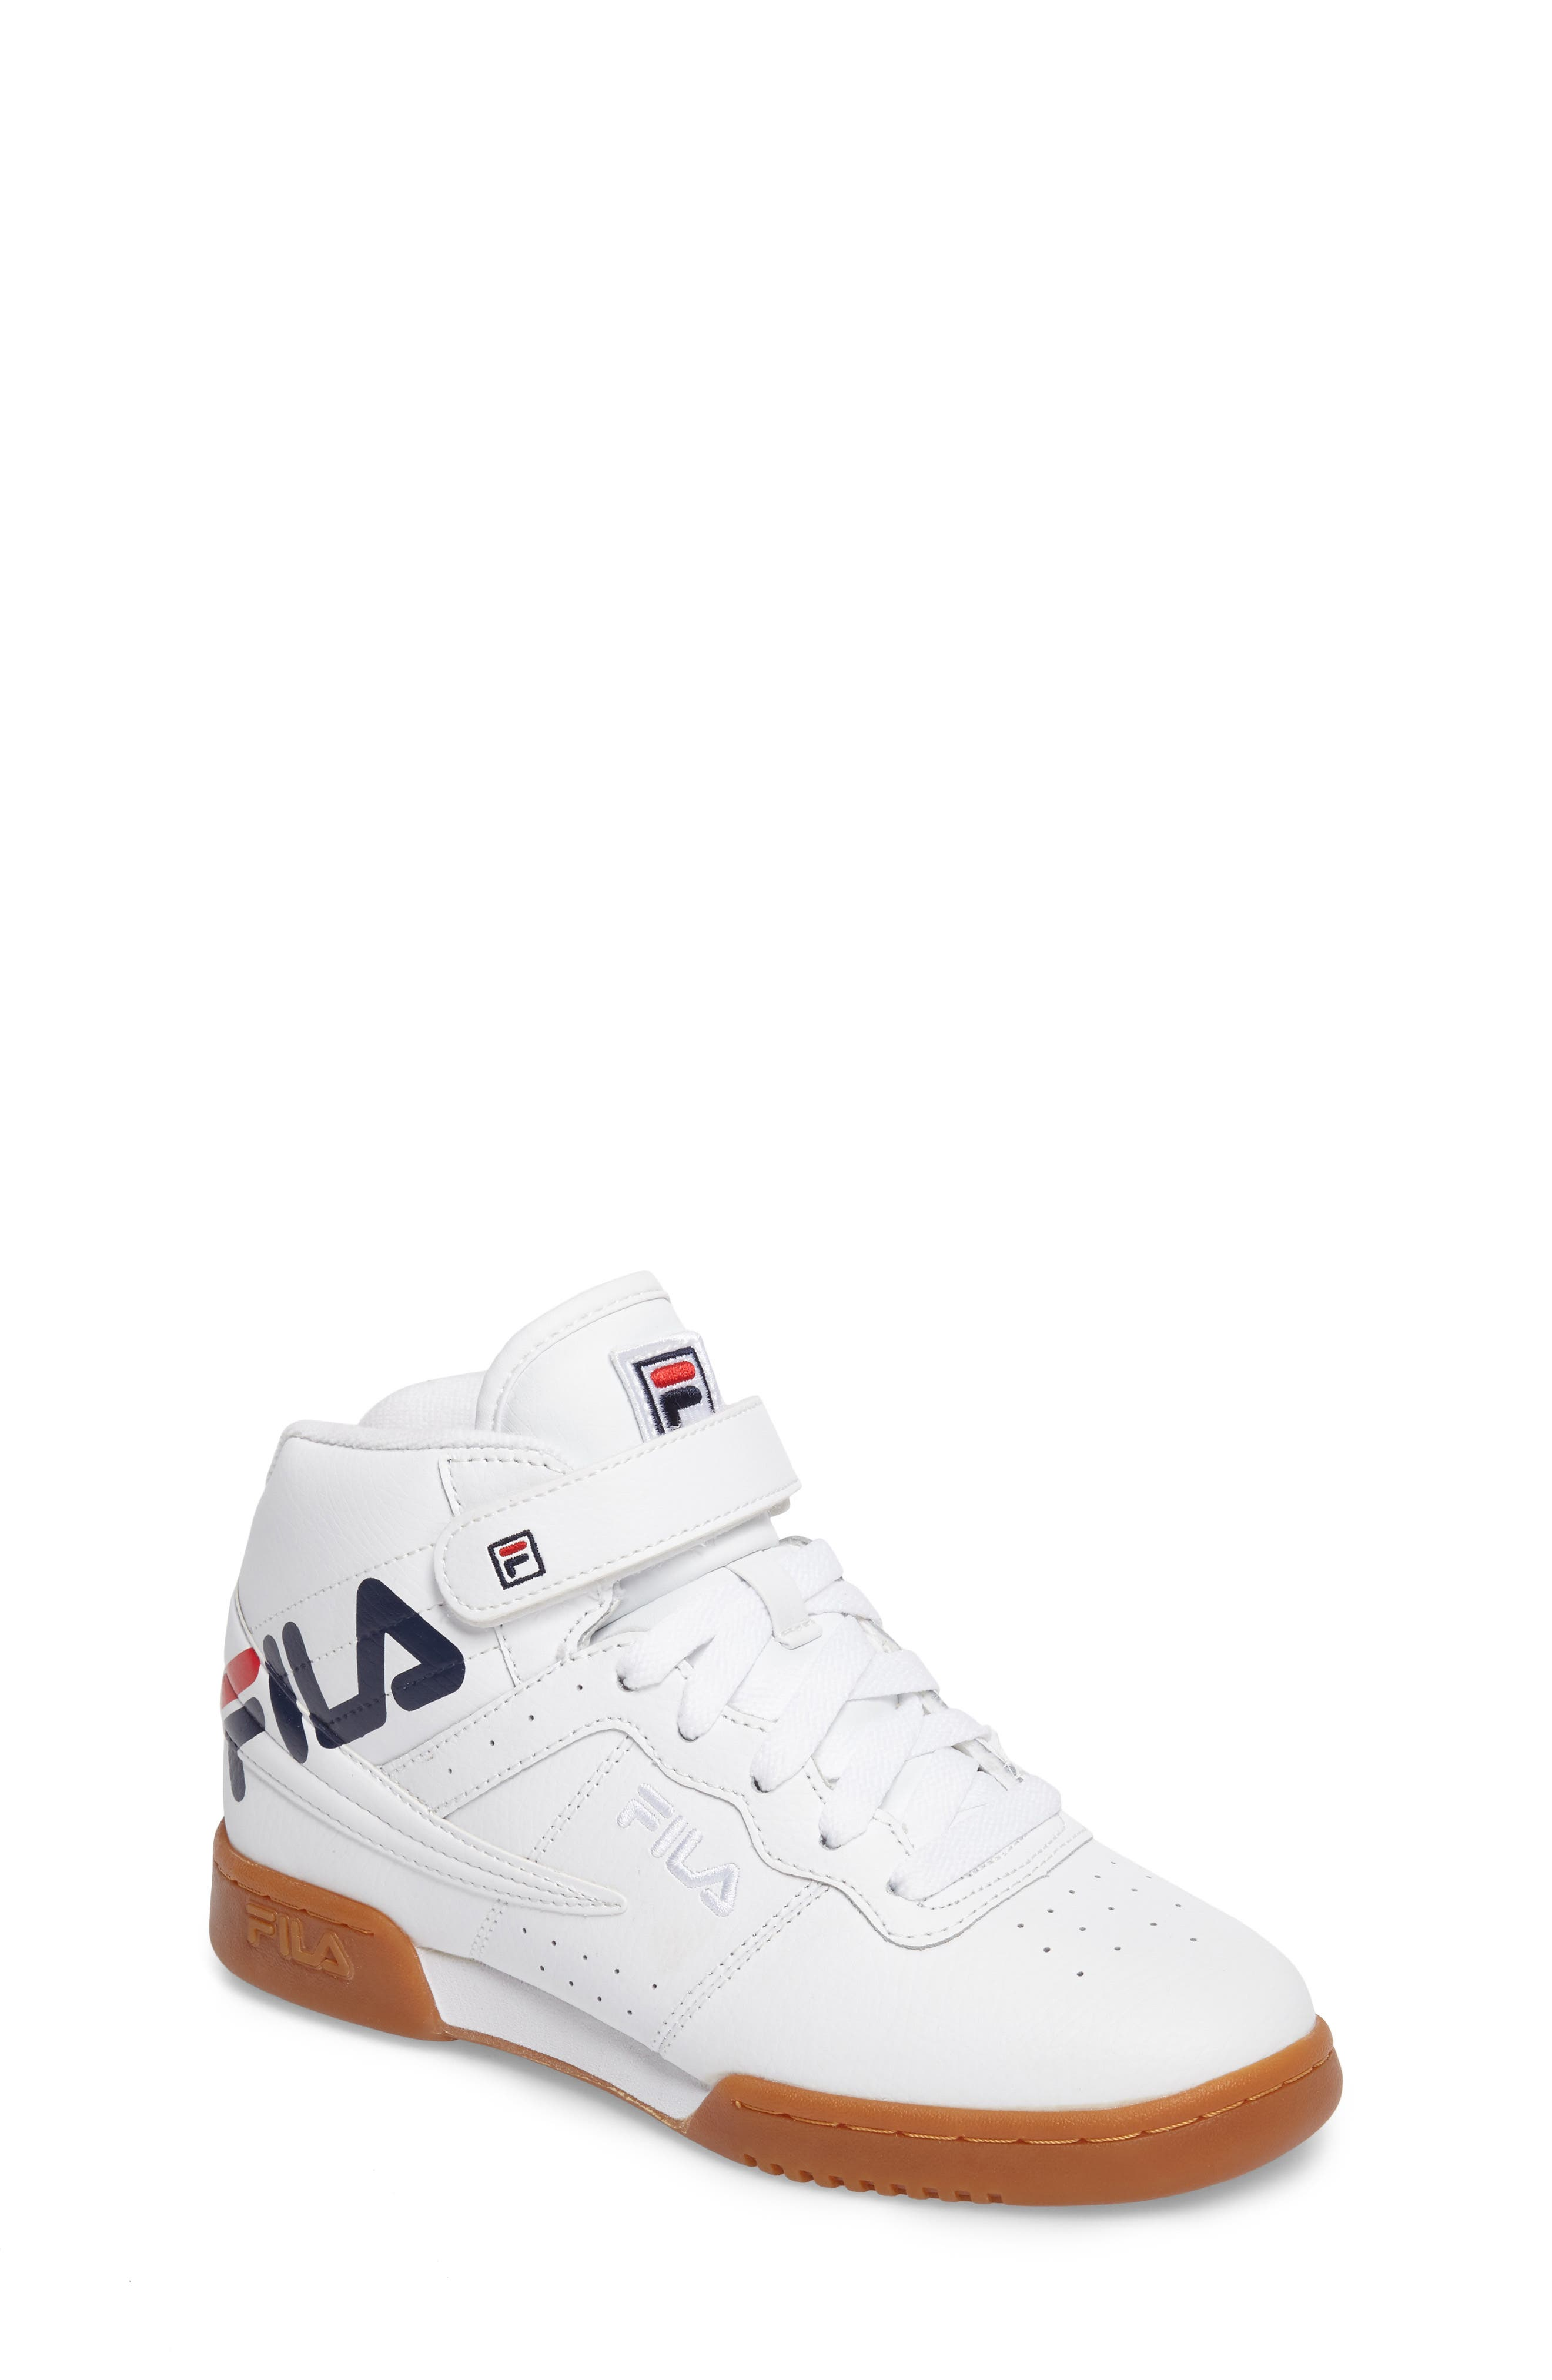 Alternate Image 1 Selected - FILA Original Fitness Logo Mid Top Sneaker (Big Kid)